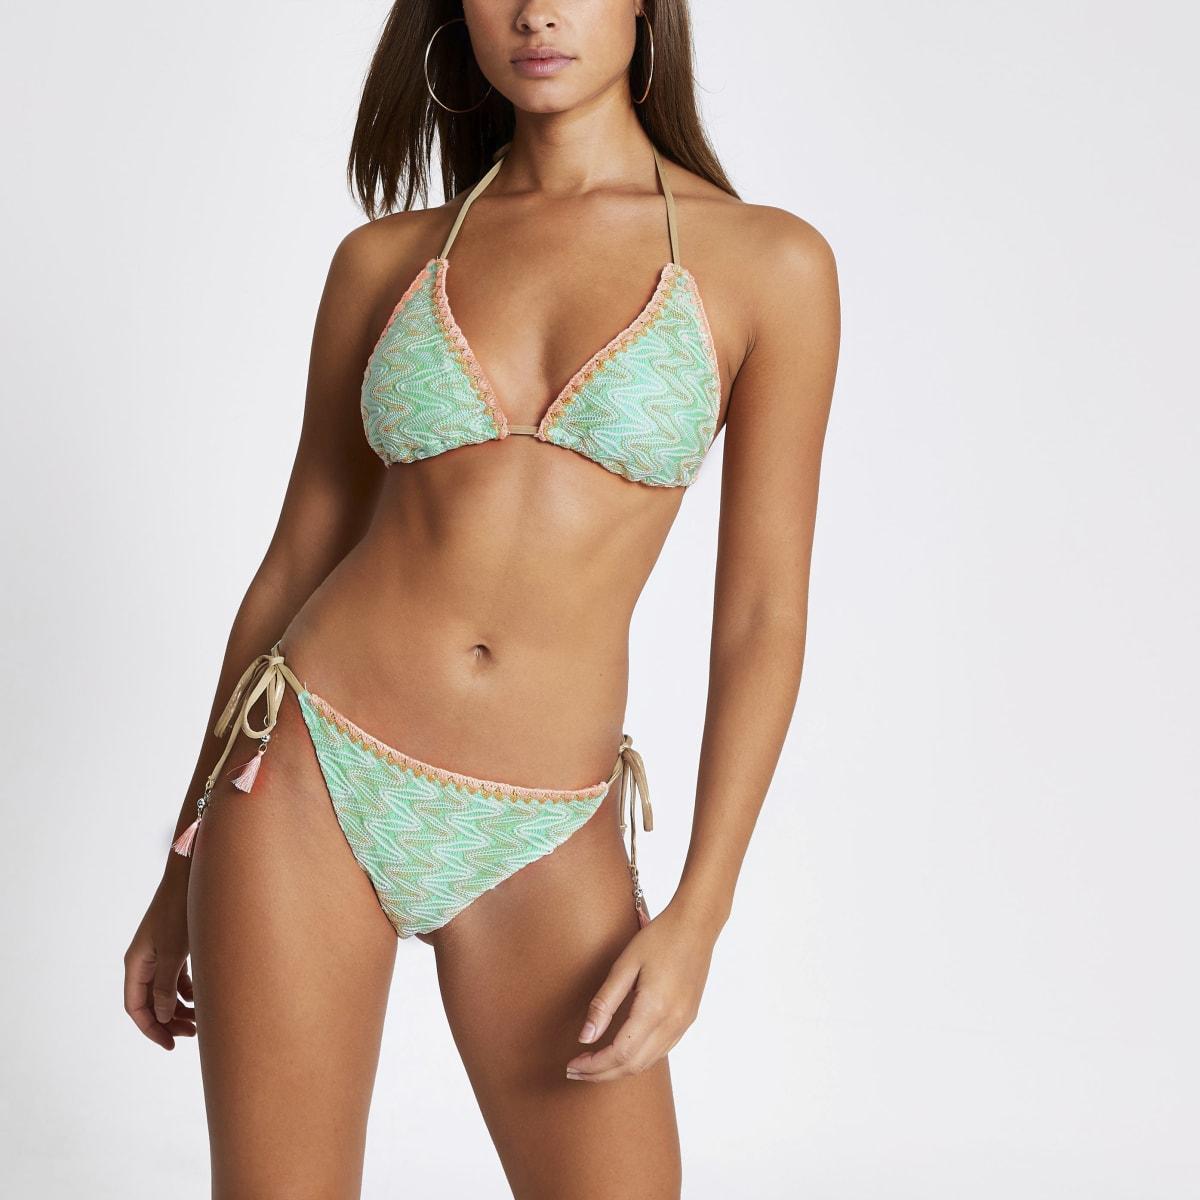 Grüne Bikinihose mit Stickerei und seitlicher Schnürung